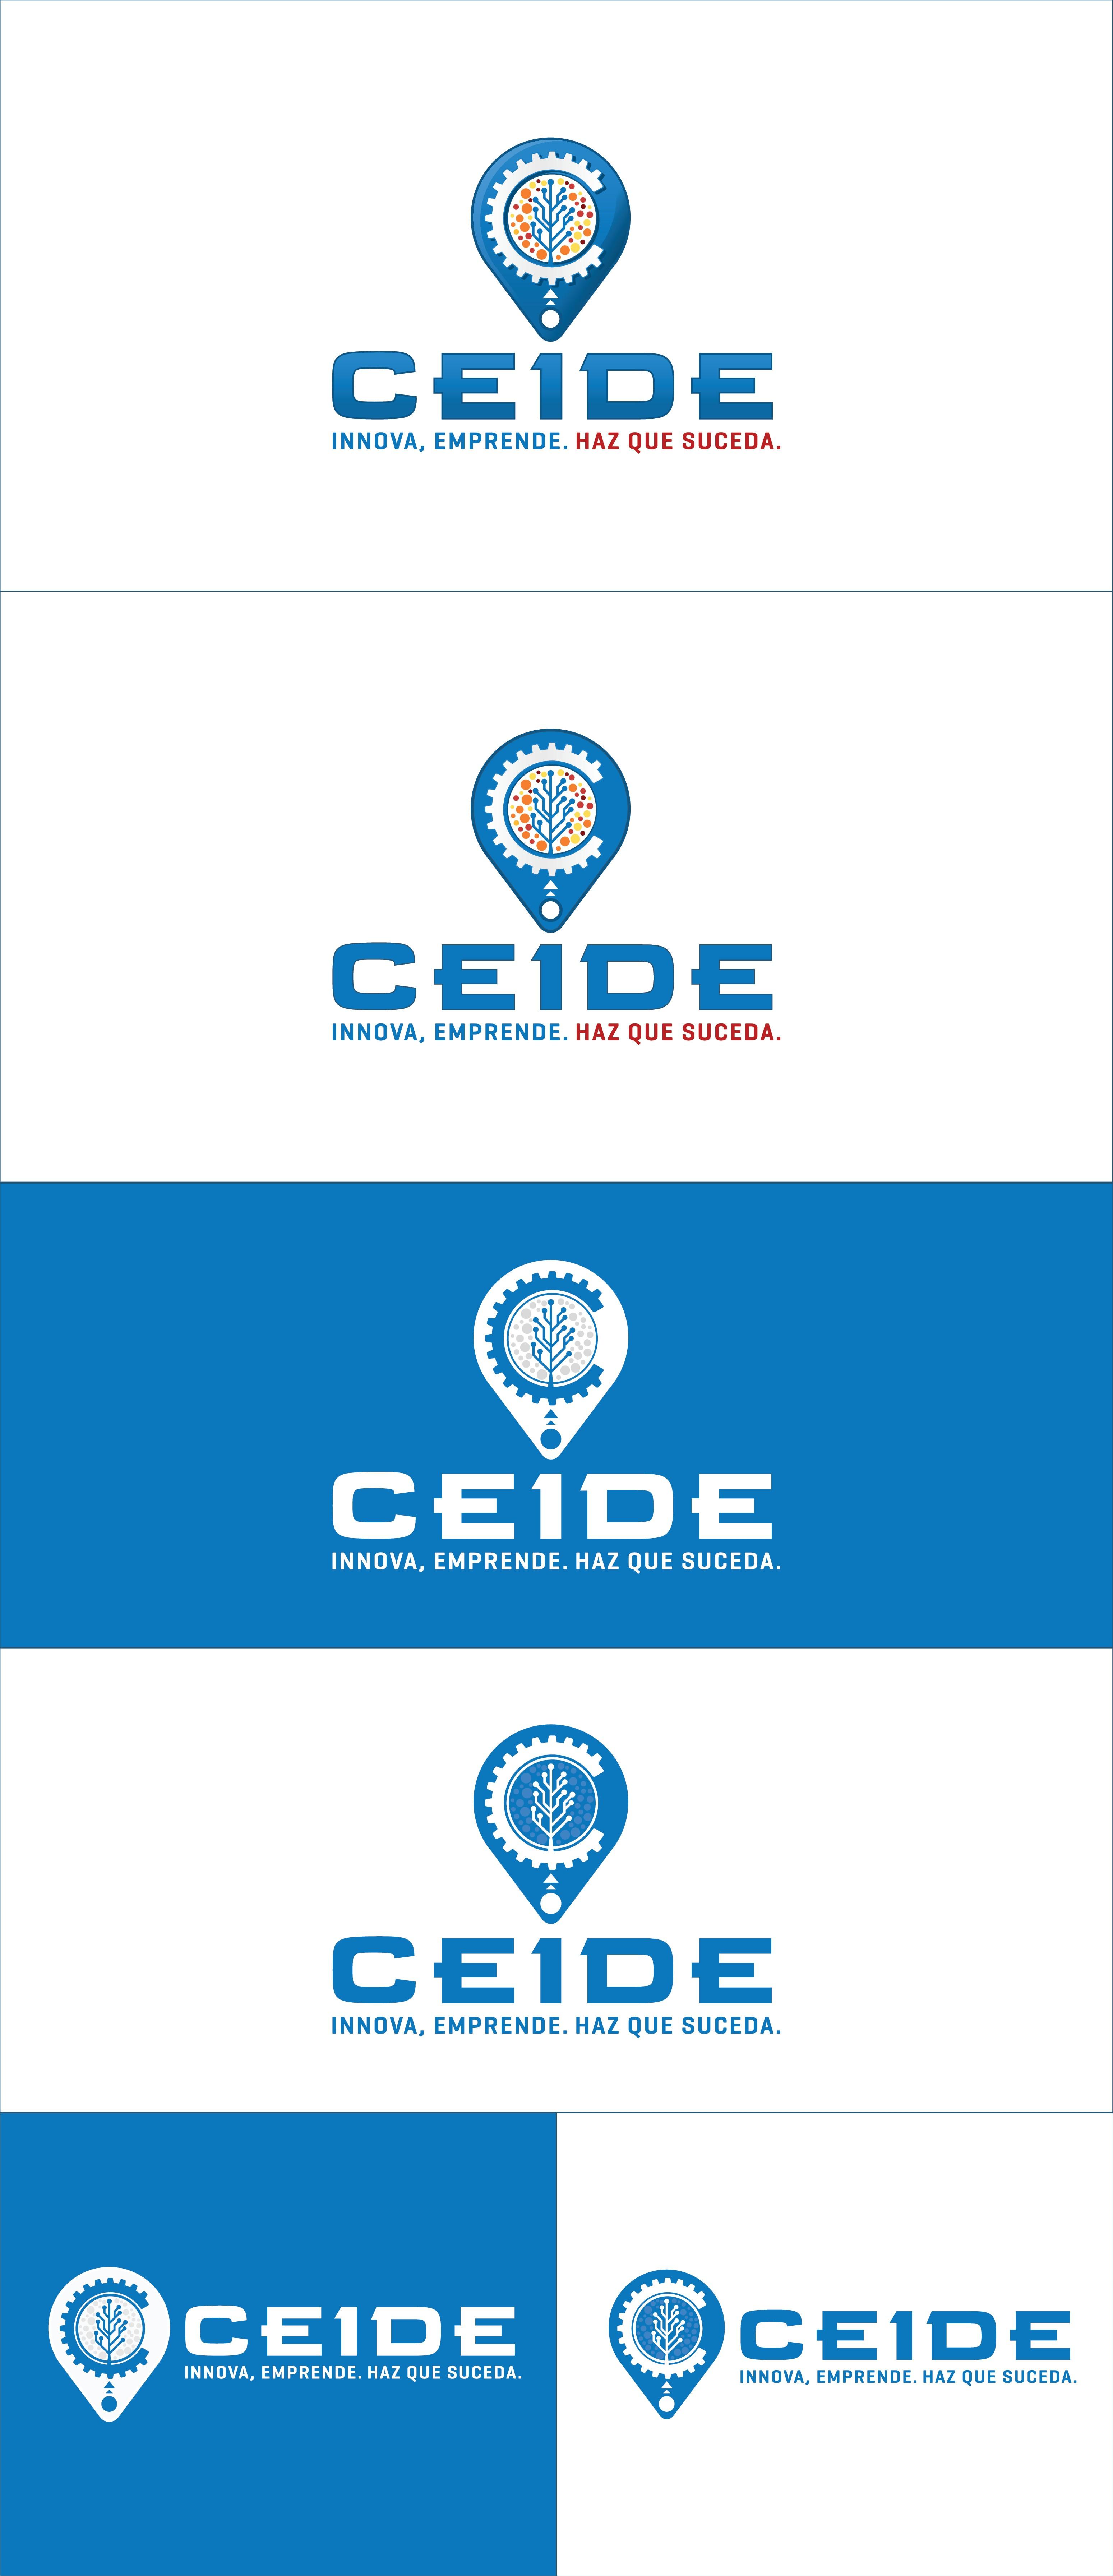 ¡Crea un logotipo innovador y ejecutivo para CEIDE, un espacio de desarrollo empresarial!